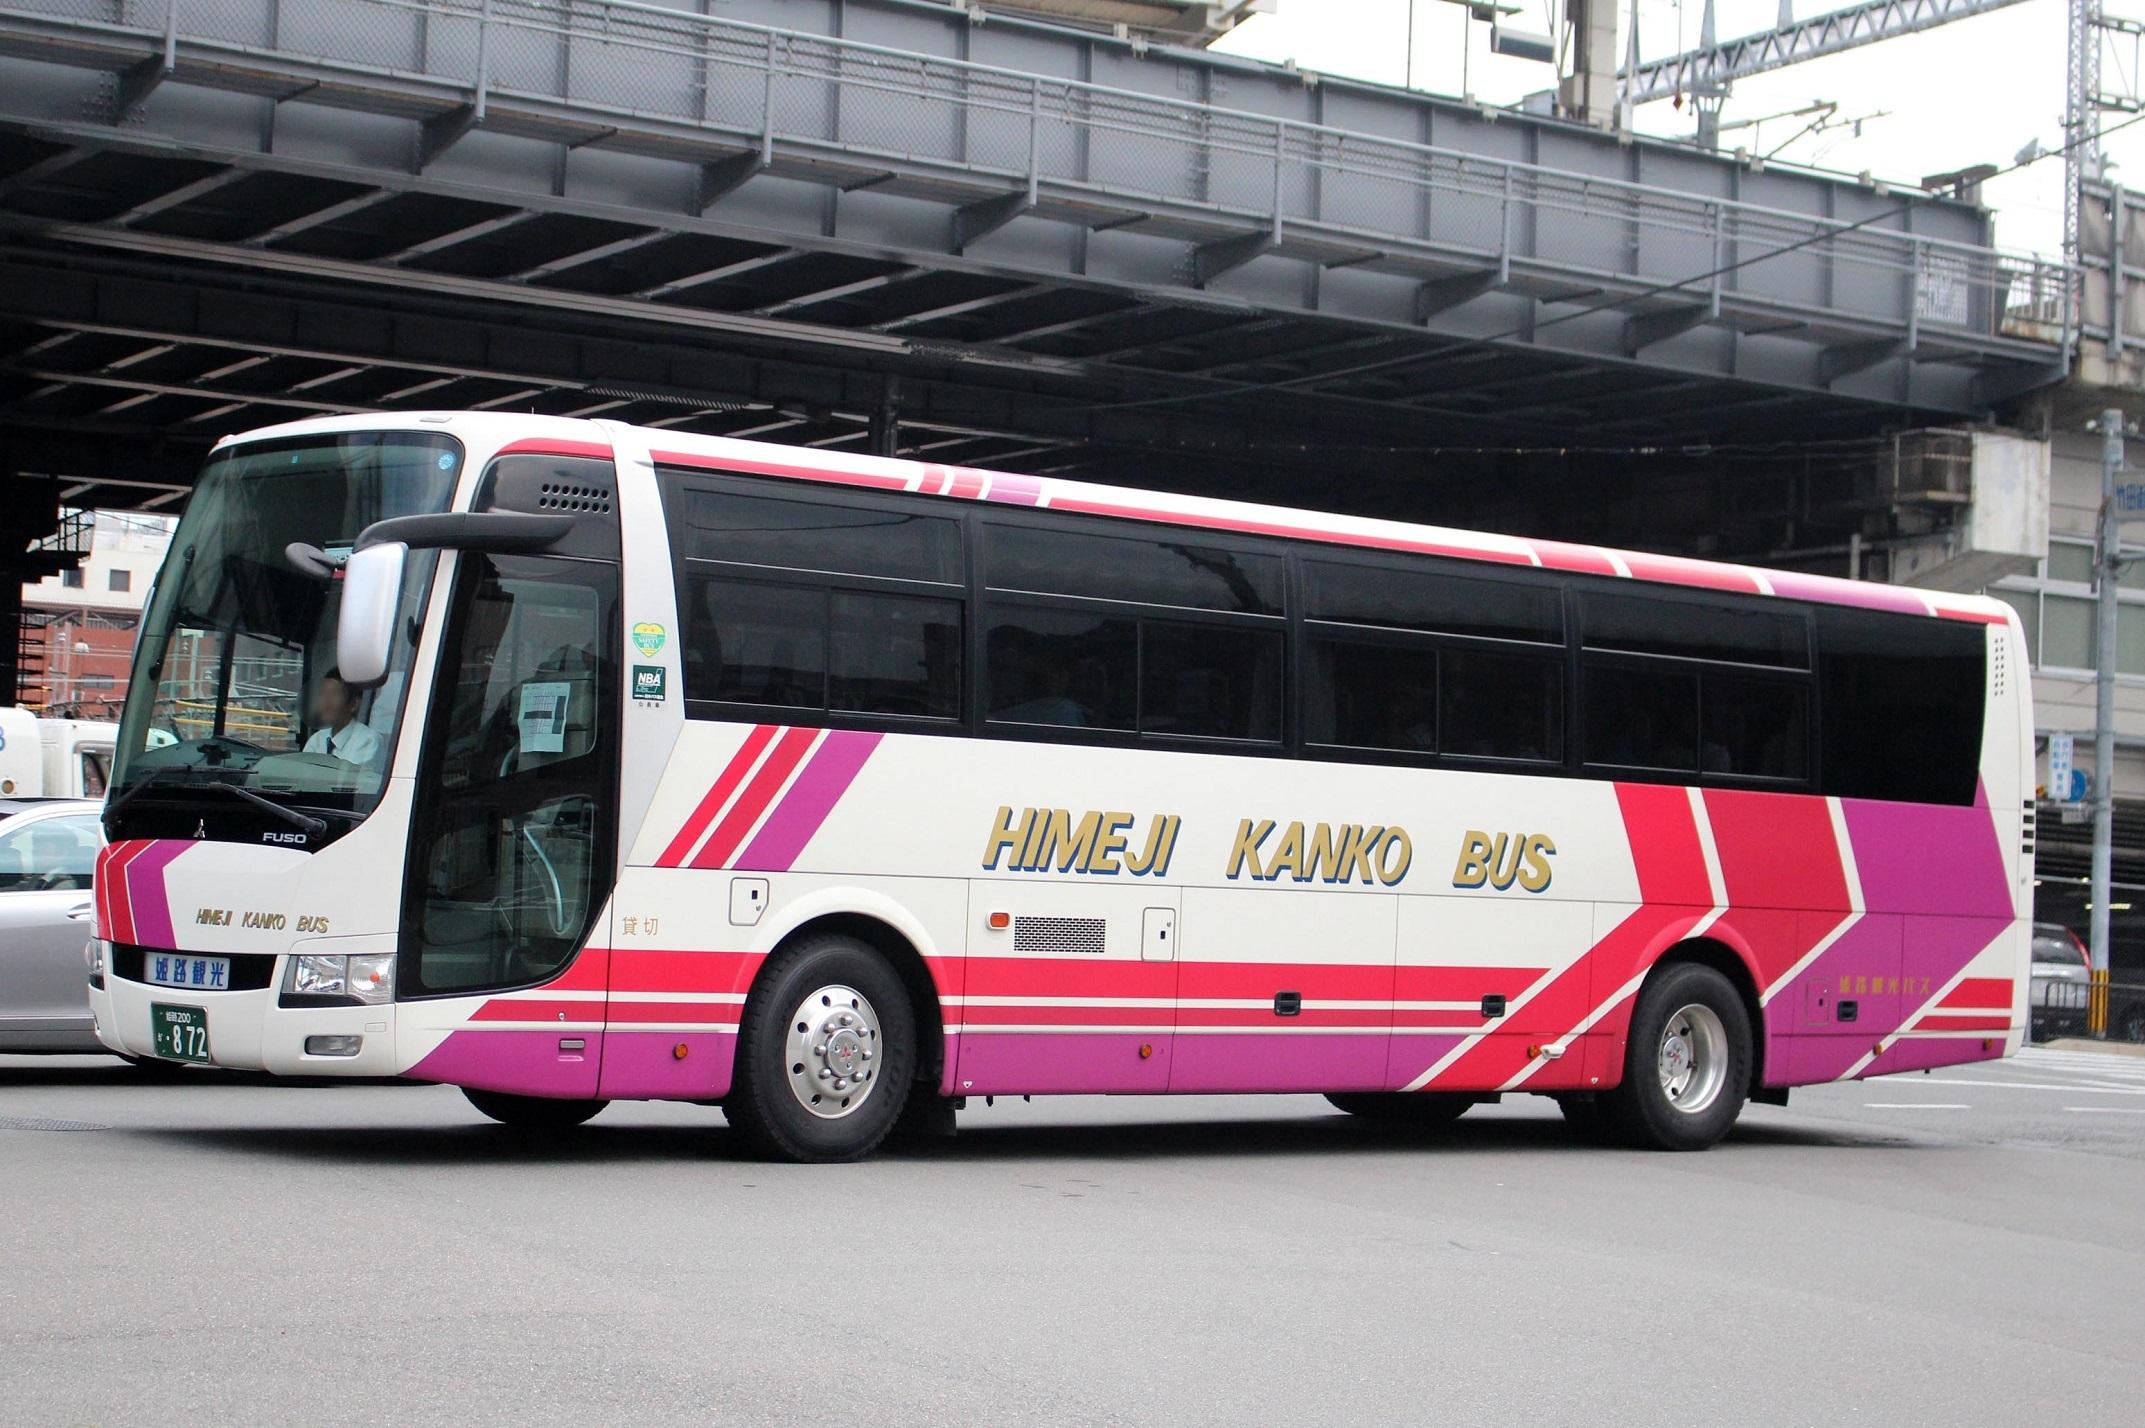 姫路観光バス か872